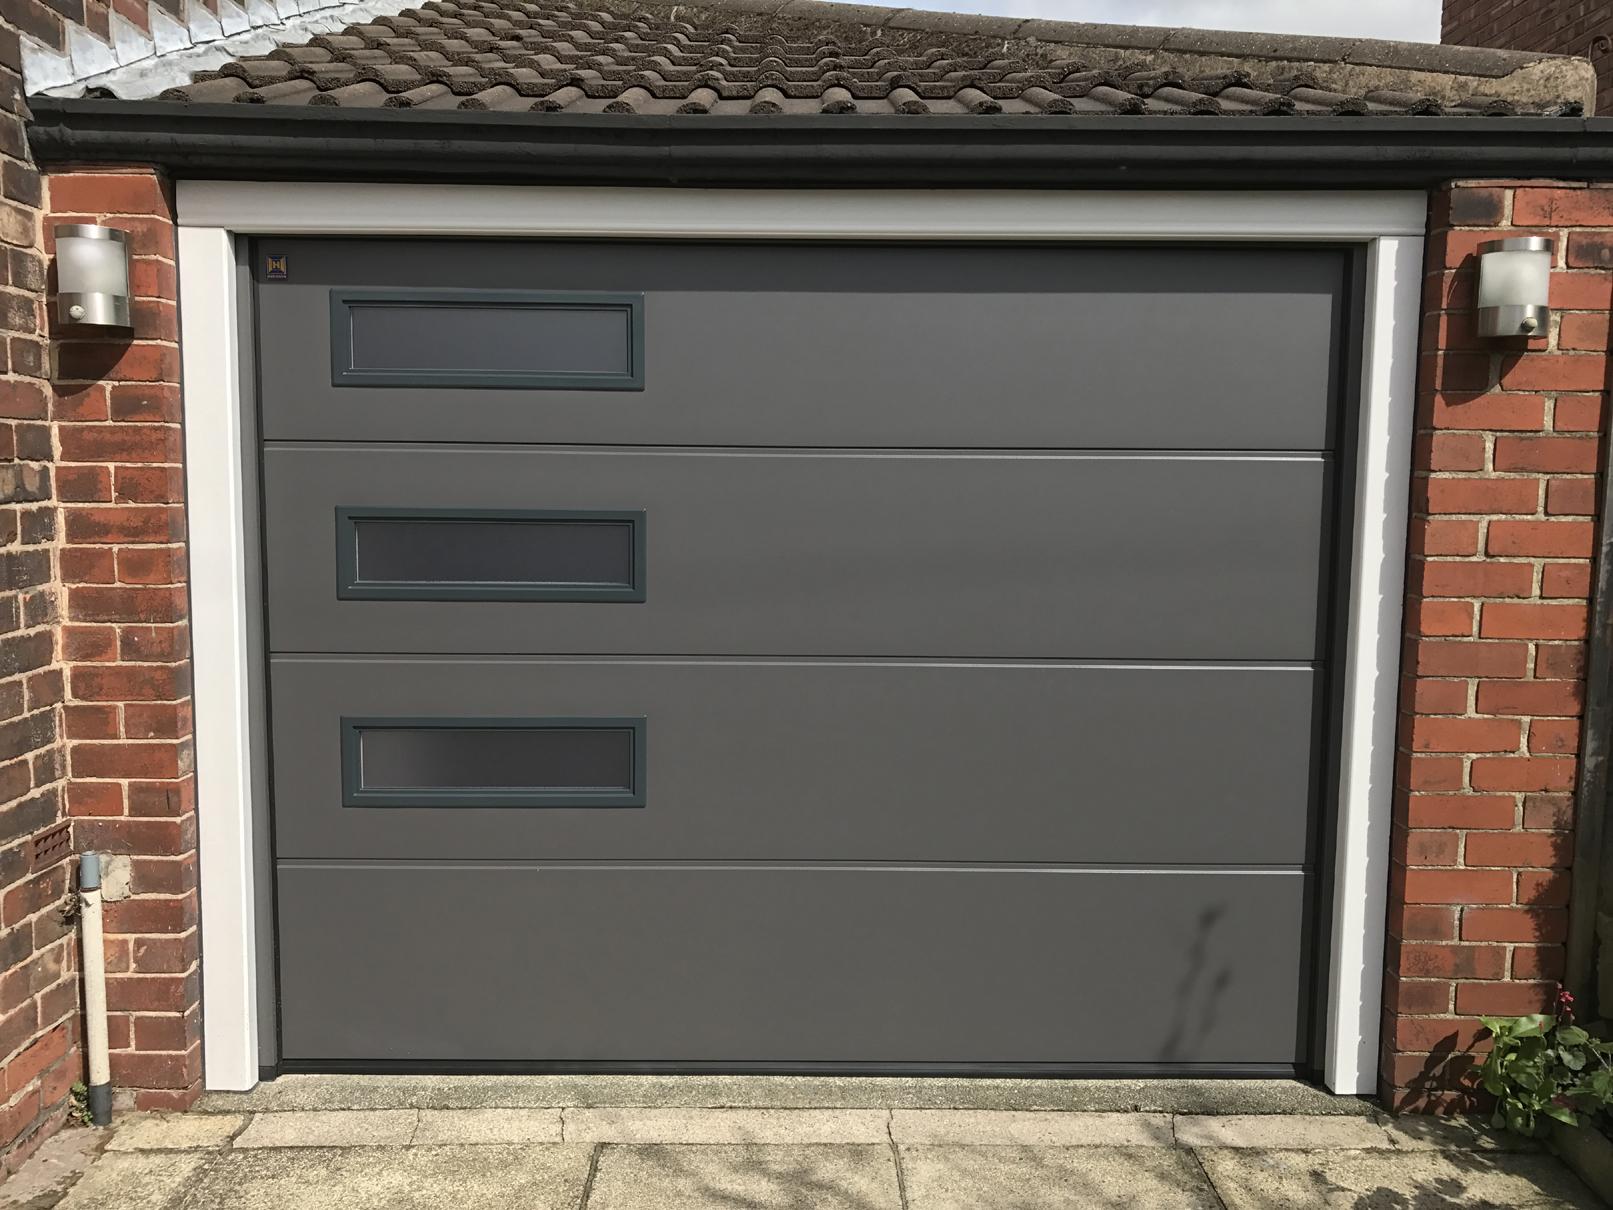 Hormann Sectional Garage Door Denton Pennine Garage Doors